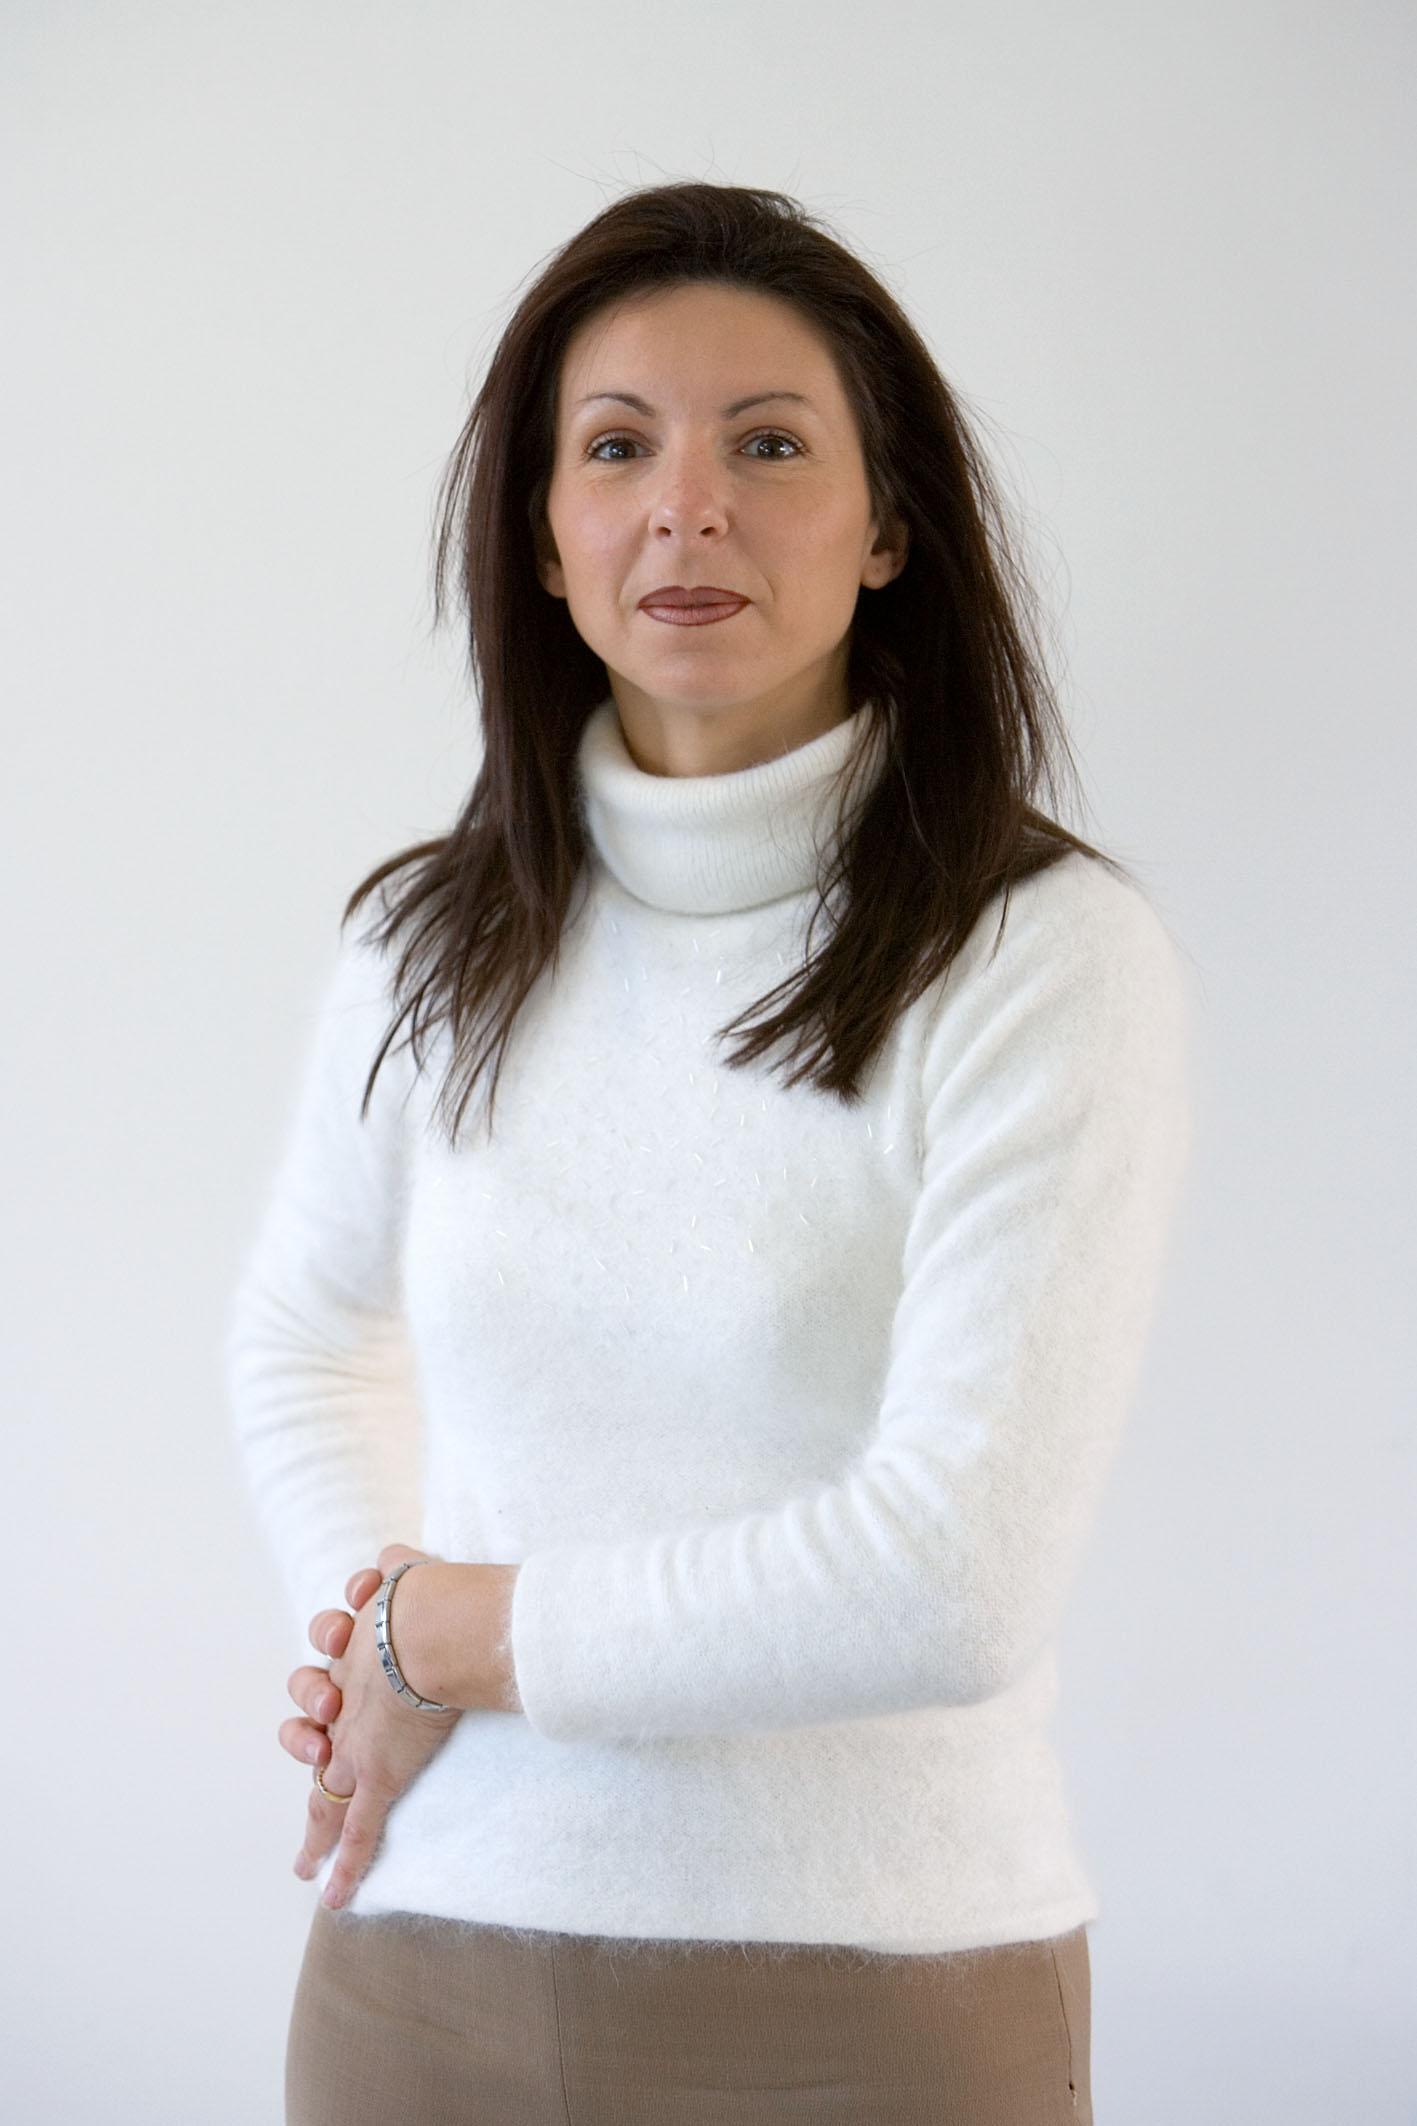 Stefania Bonamici